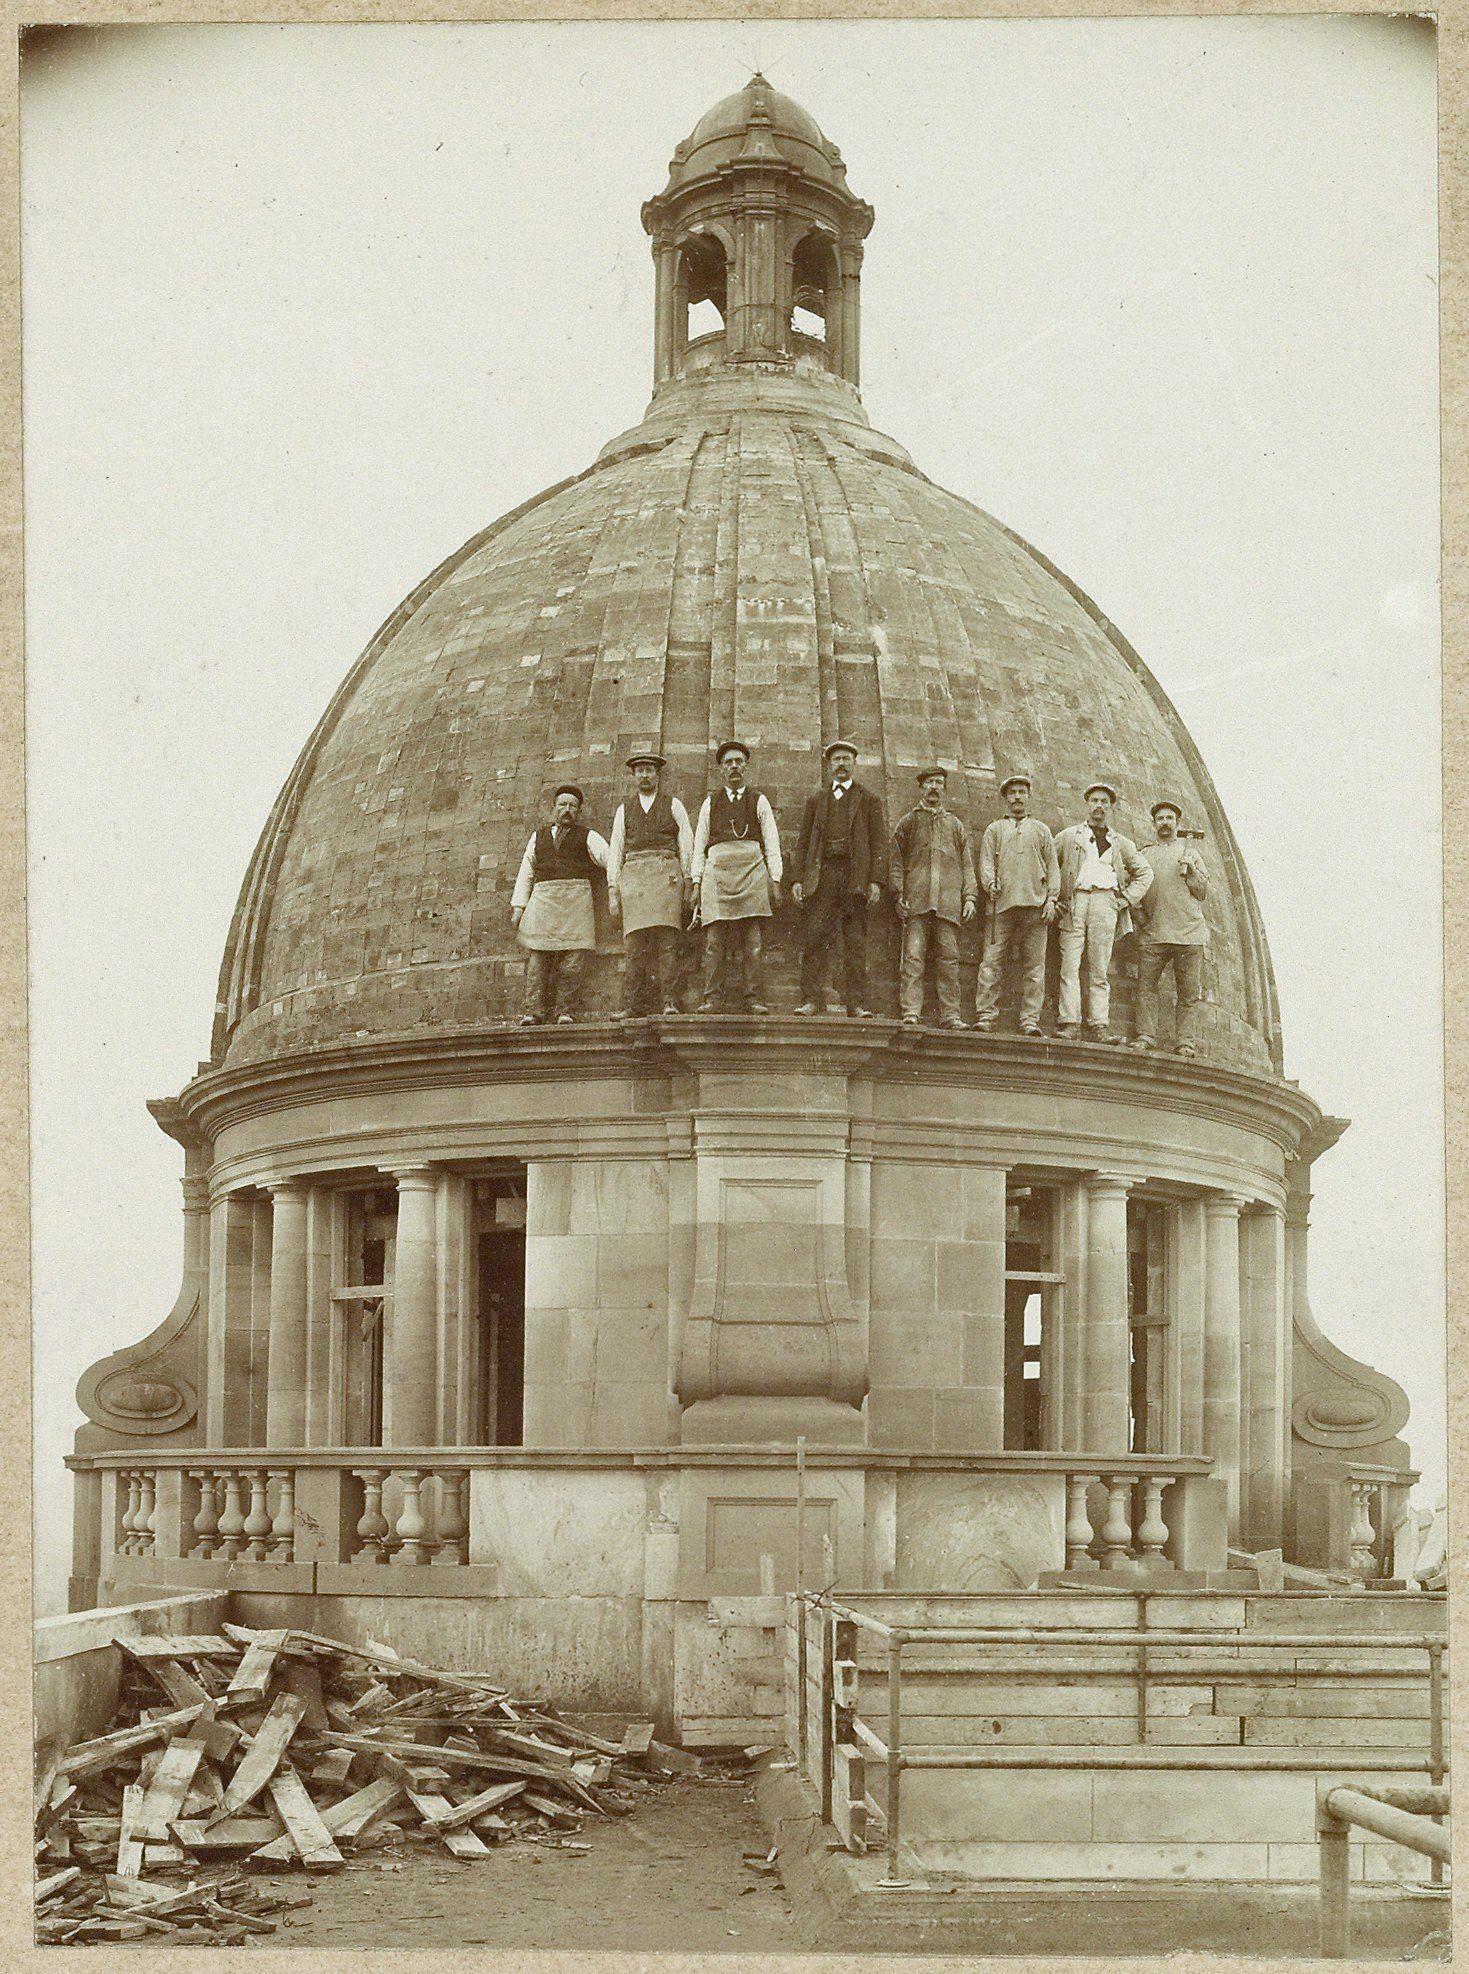 Koepel Hirsch-gebouw, anoniem, 1913, Collectie Stadsarchief Amsterdam